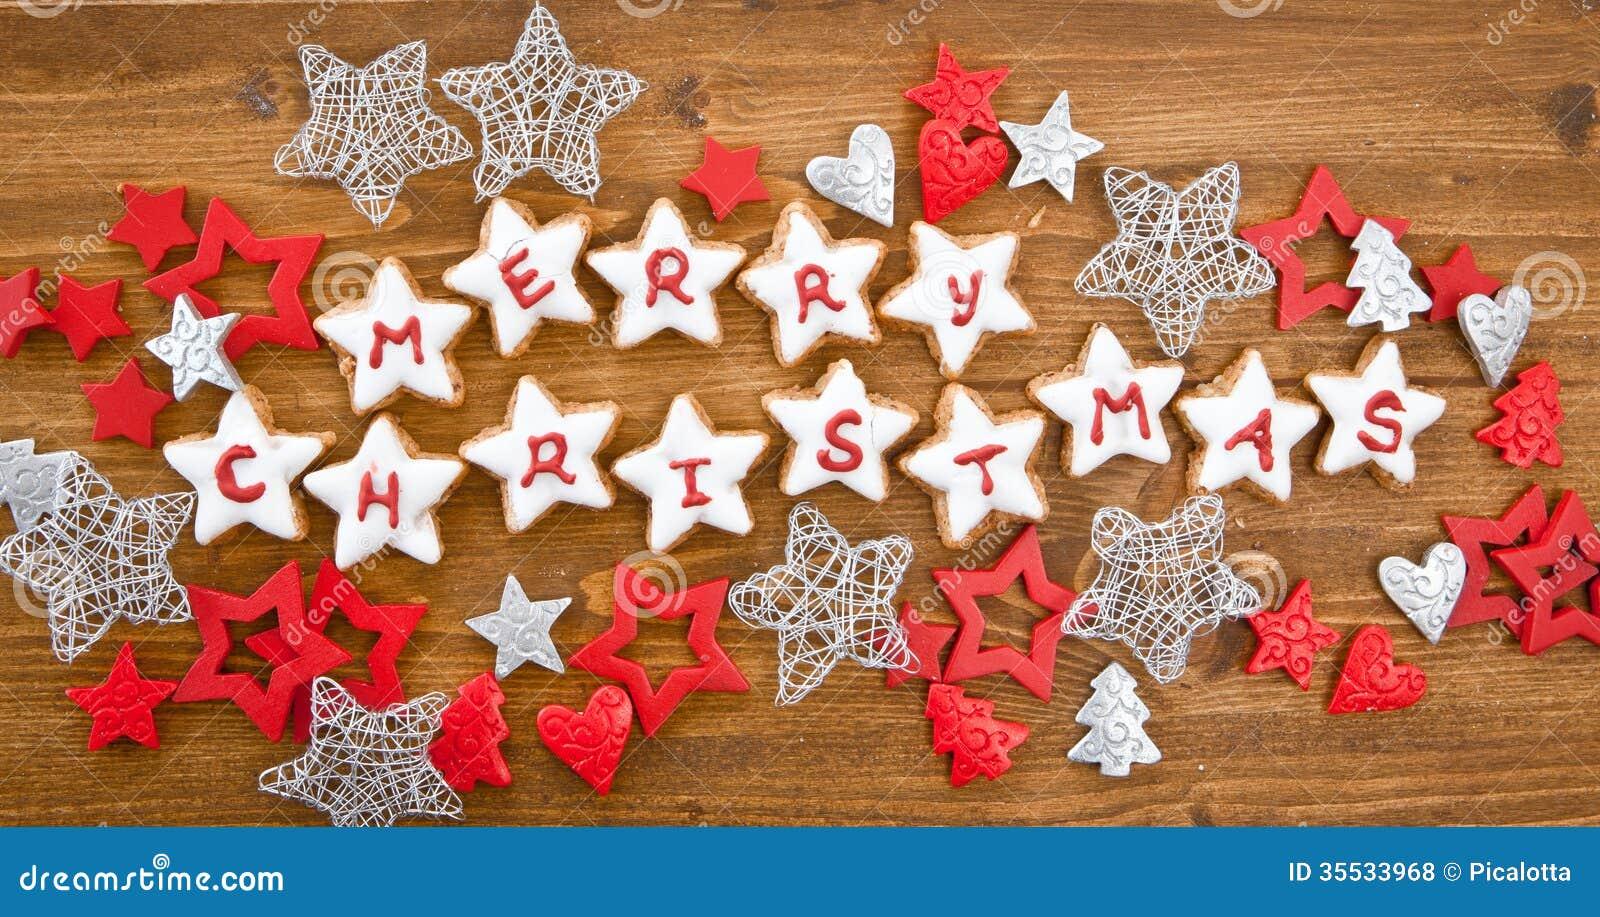 Frohe weihnachten geschrieben auf pl tzchen lizenzfreie for Xmas bilder kostenlos